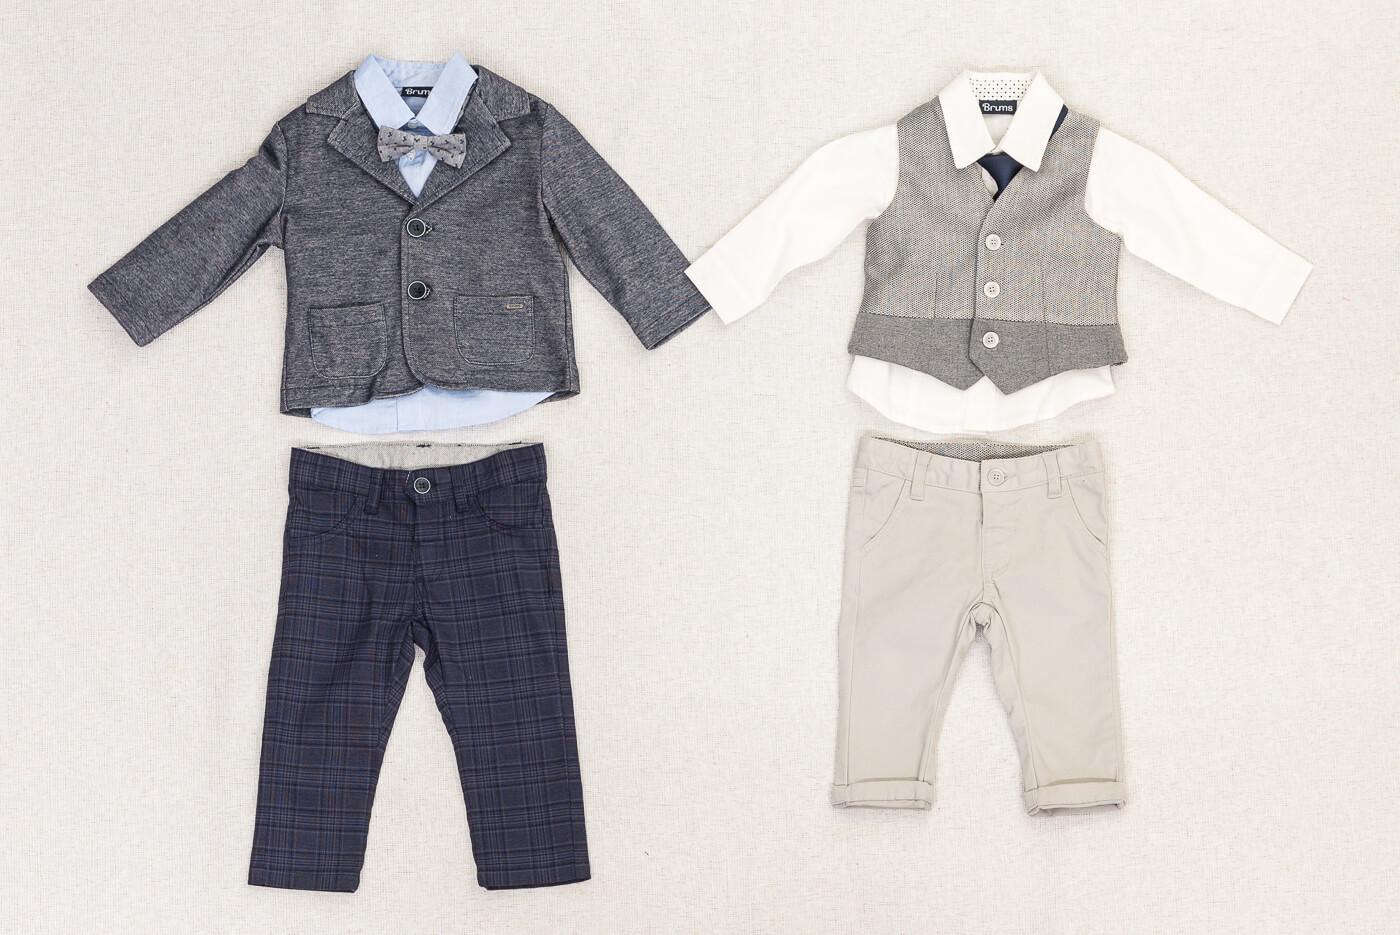 offrire più amato Più votati Abbigliamento bambini Brums a Morbegno | Il Gatto e la Volpe